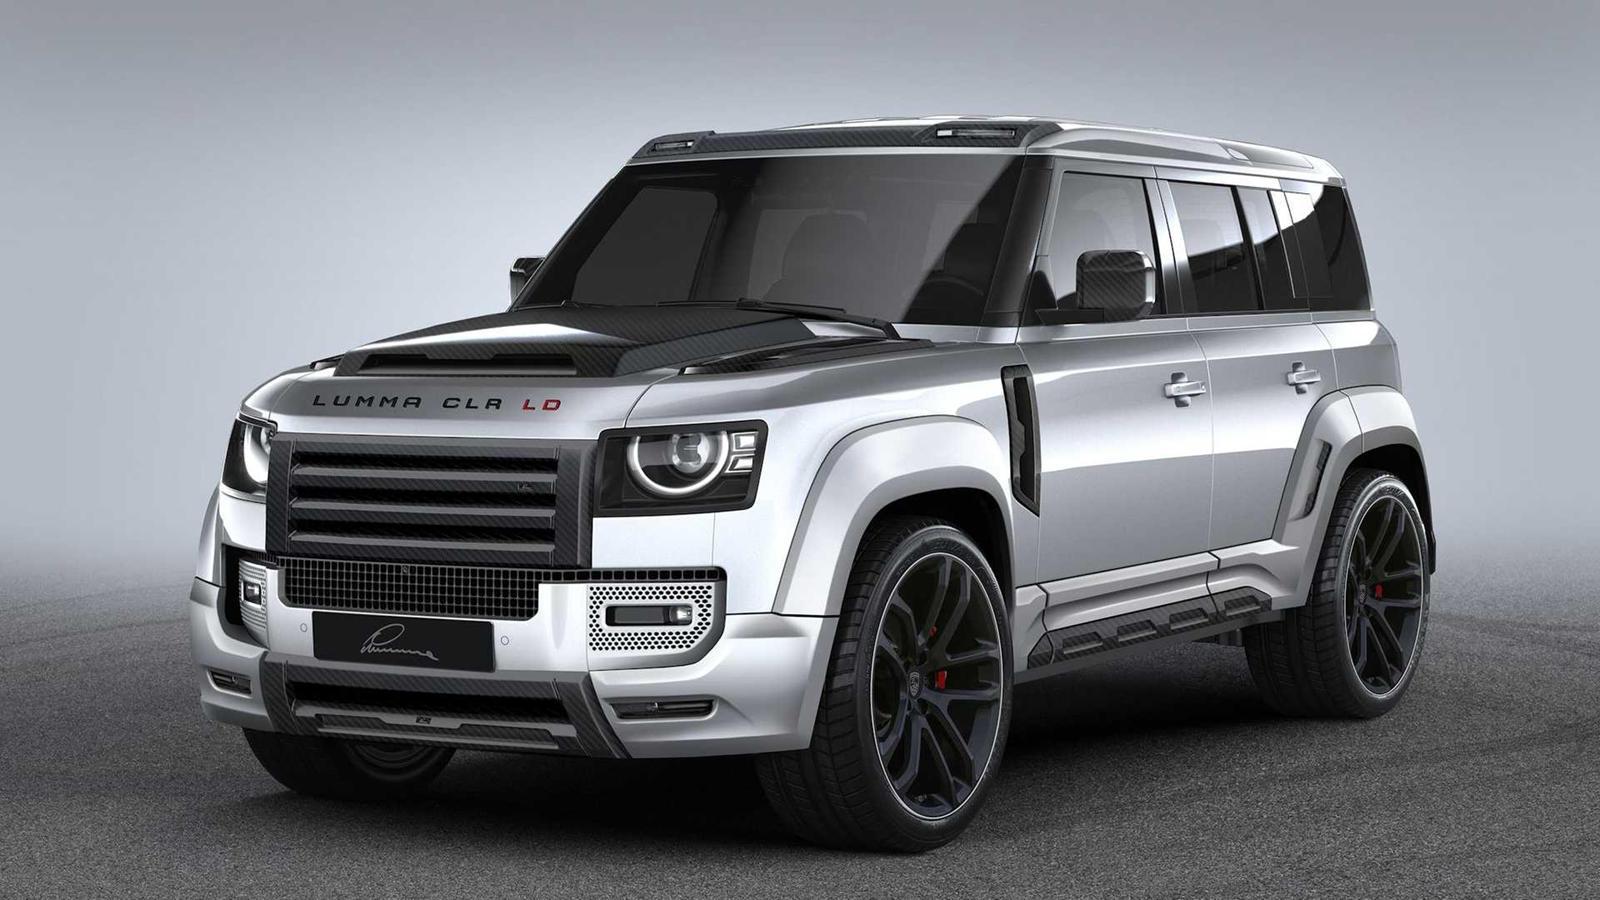 Недавно вышла совершенно новая модель Land Rover Defender и тюнеры послепродажного обслуживания потратили немного времени на то, чтобы придумать свой собственный взгляд на крутой внедорожник. Carlex Design впечатлил нас своим Land Rover Defender Yach